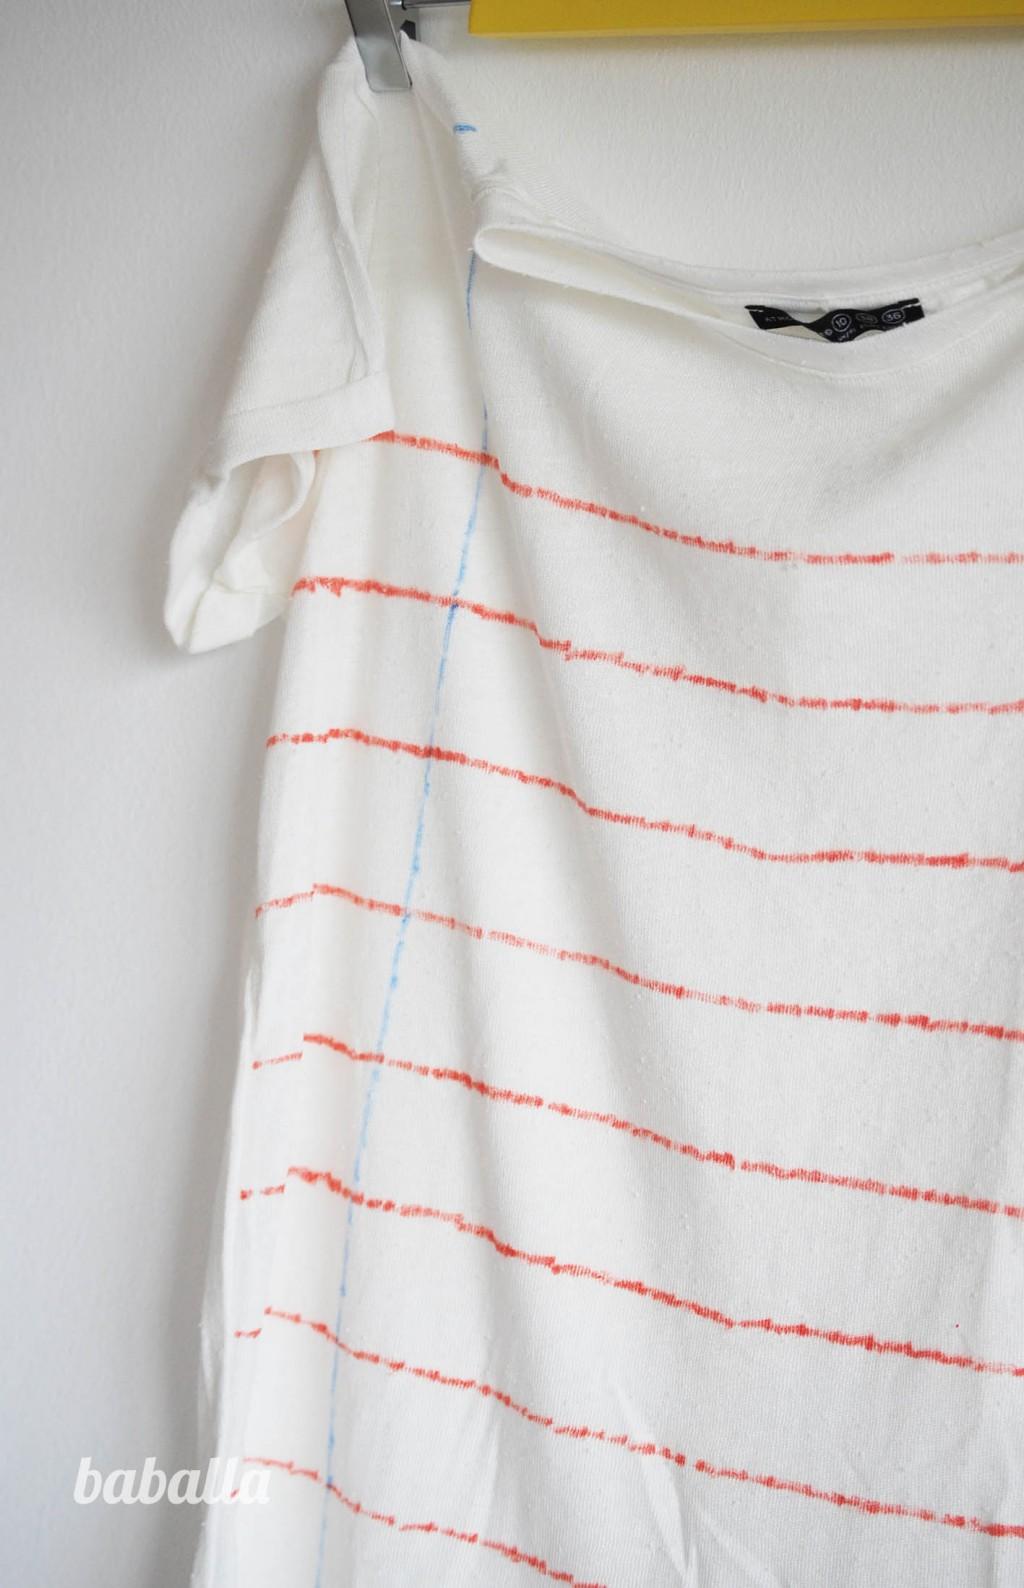 camiseta_libreta9